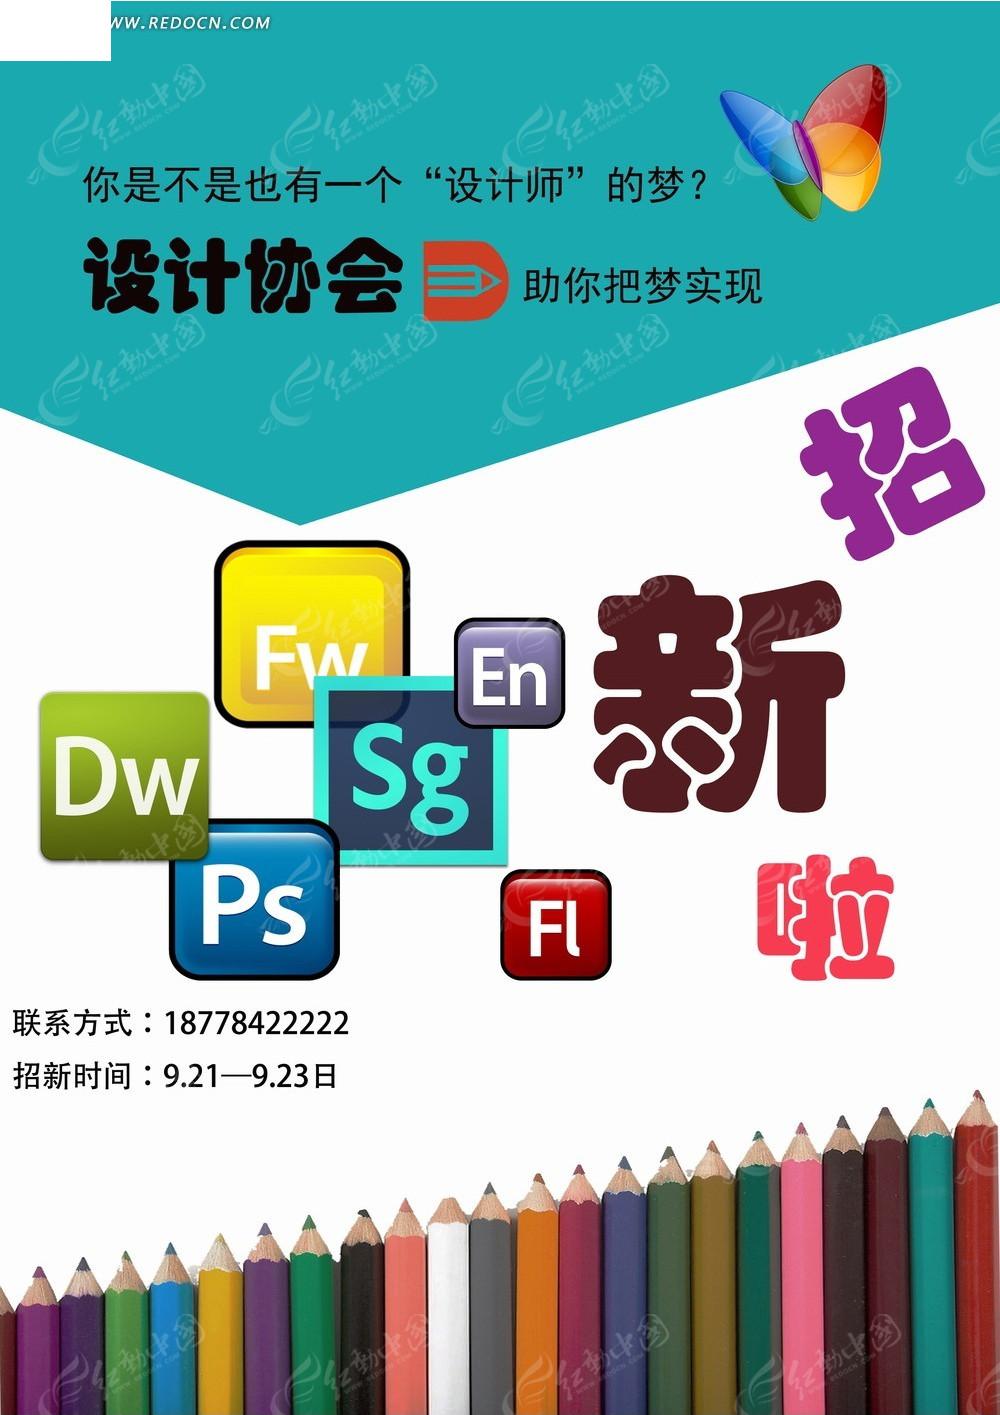 免费素材 psd素材 psd广告设计模板 海报设计 设计协会招新海报  请您